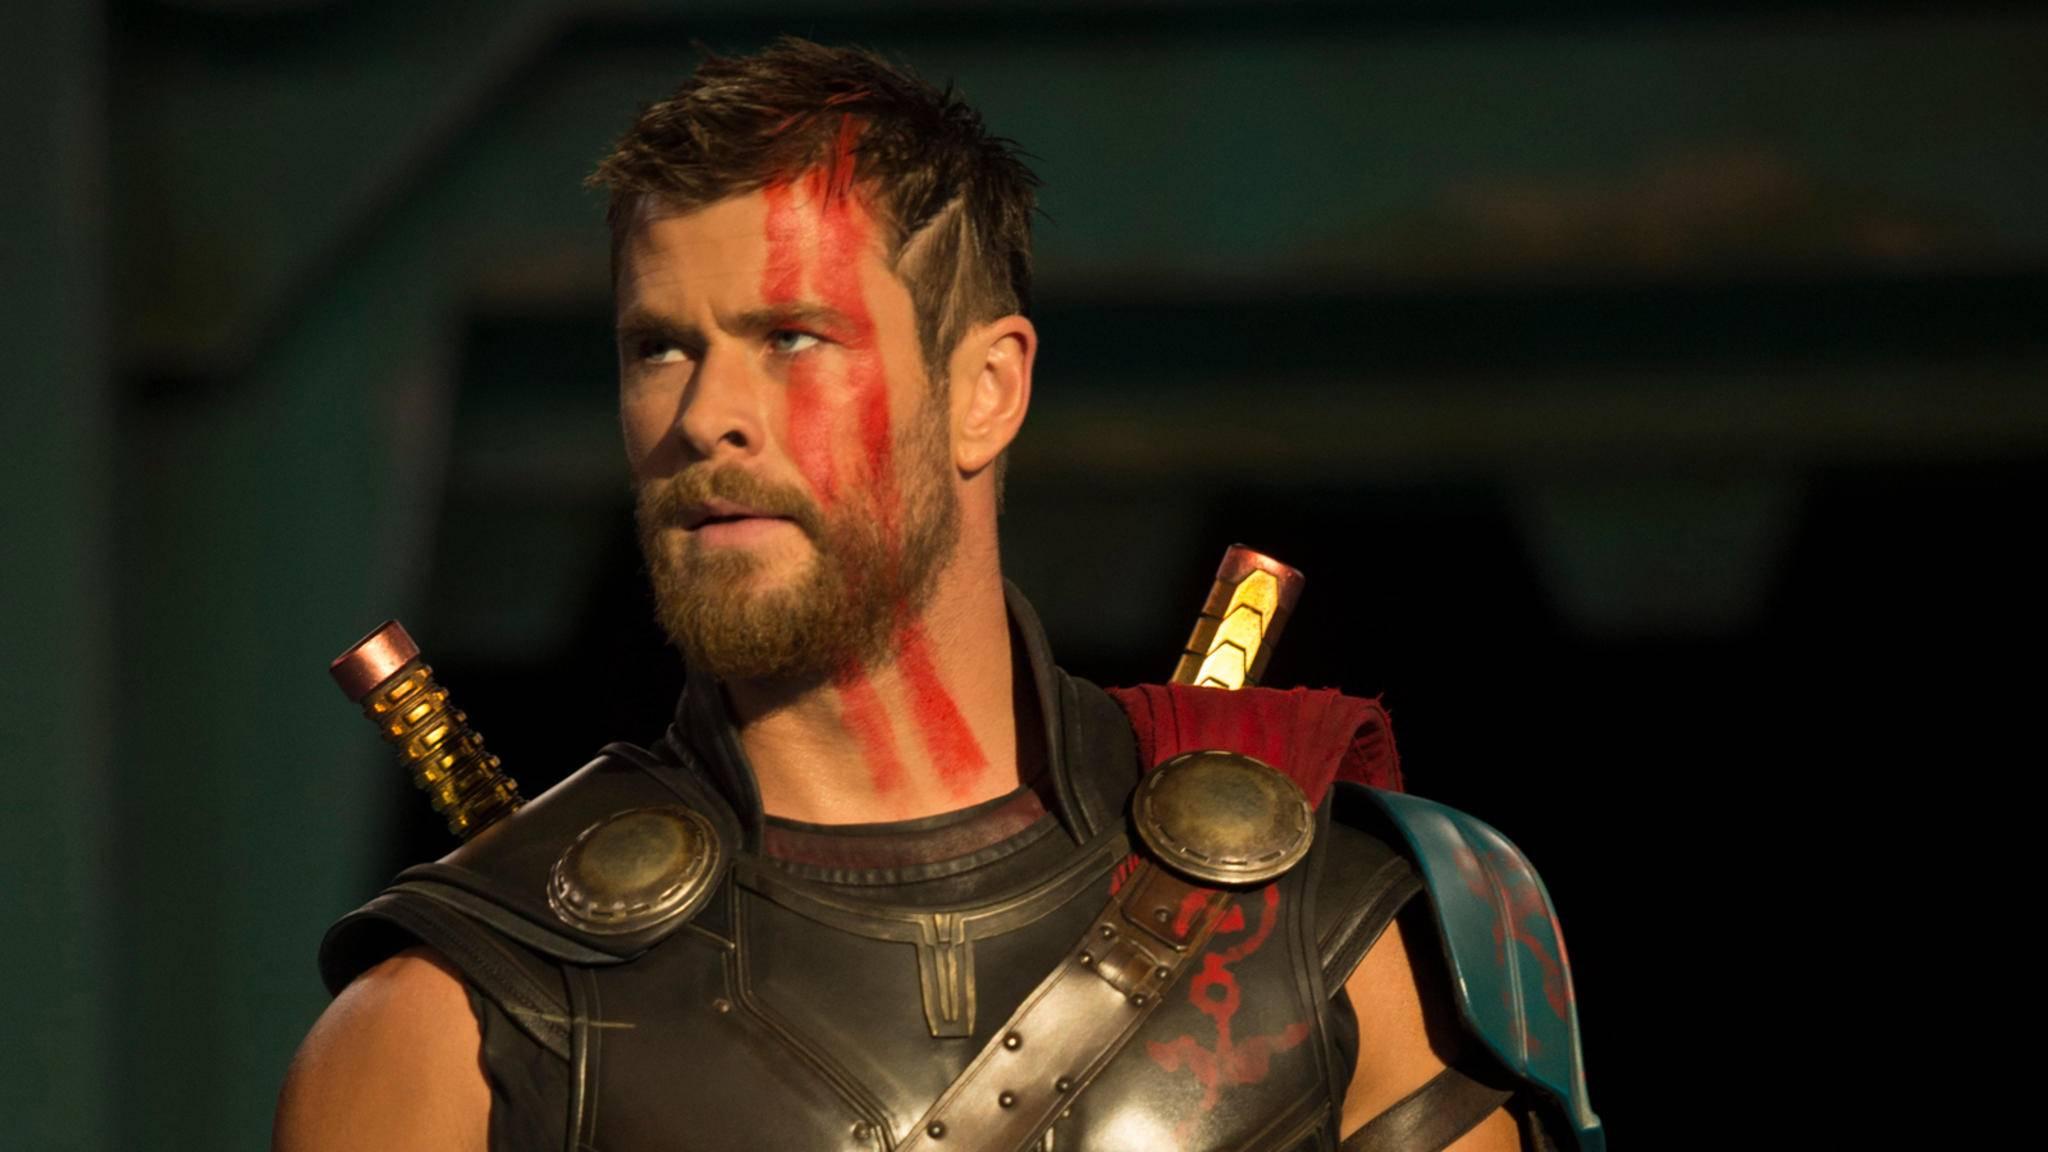 Auch Marvel-Held Thor lief bereits zu einem hemmungslos schlecht übersetzten Filmtitel auf.